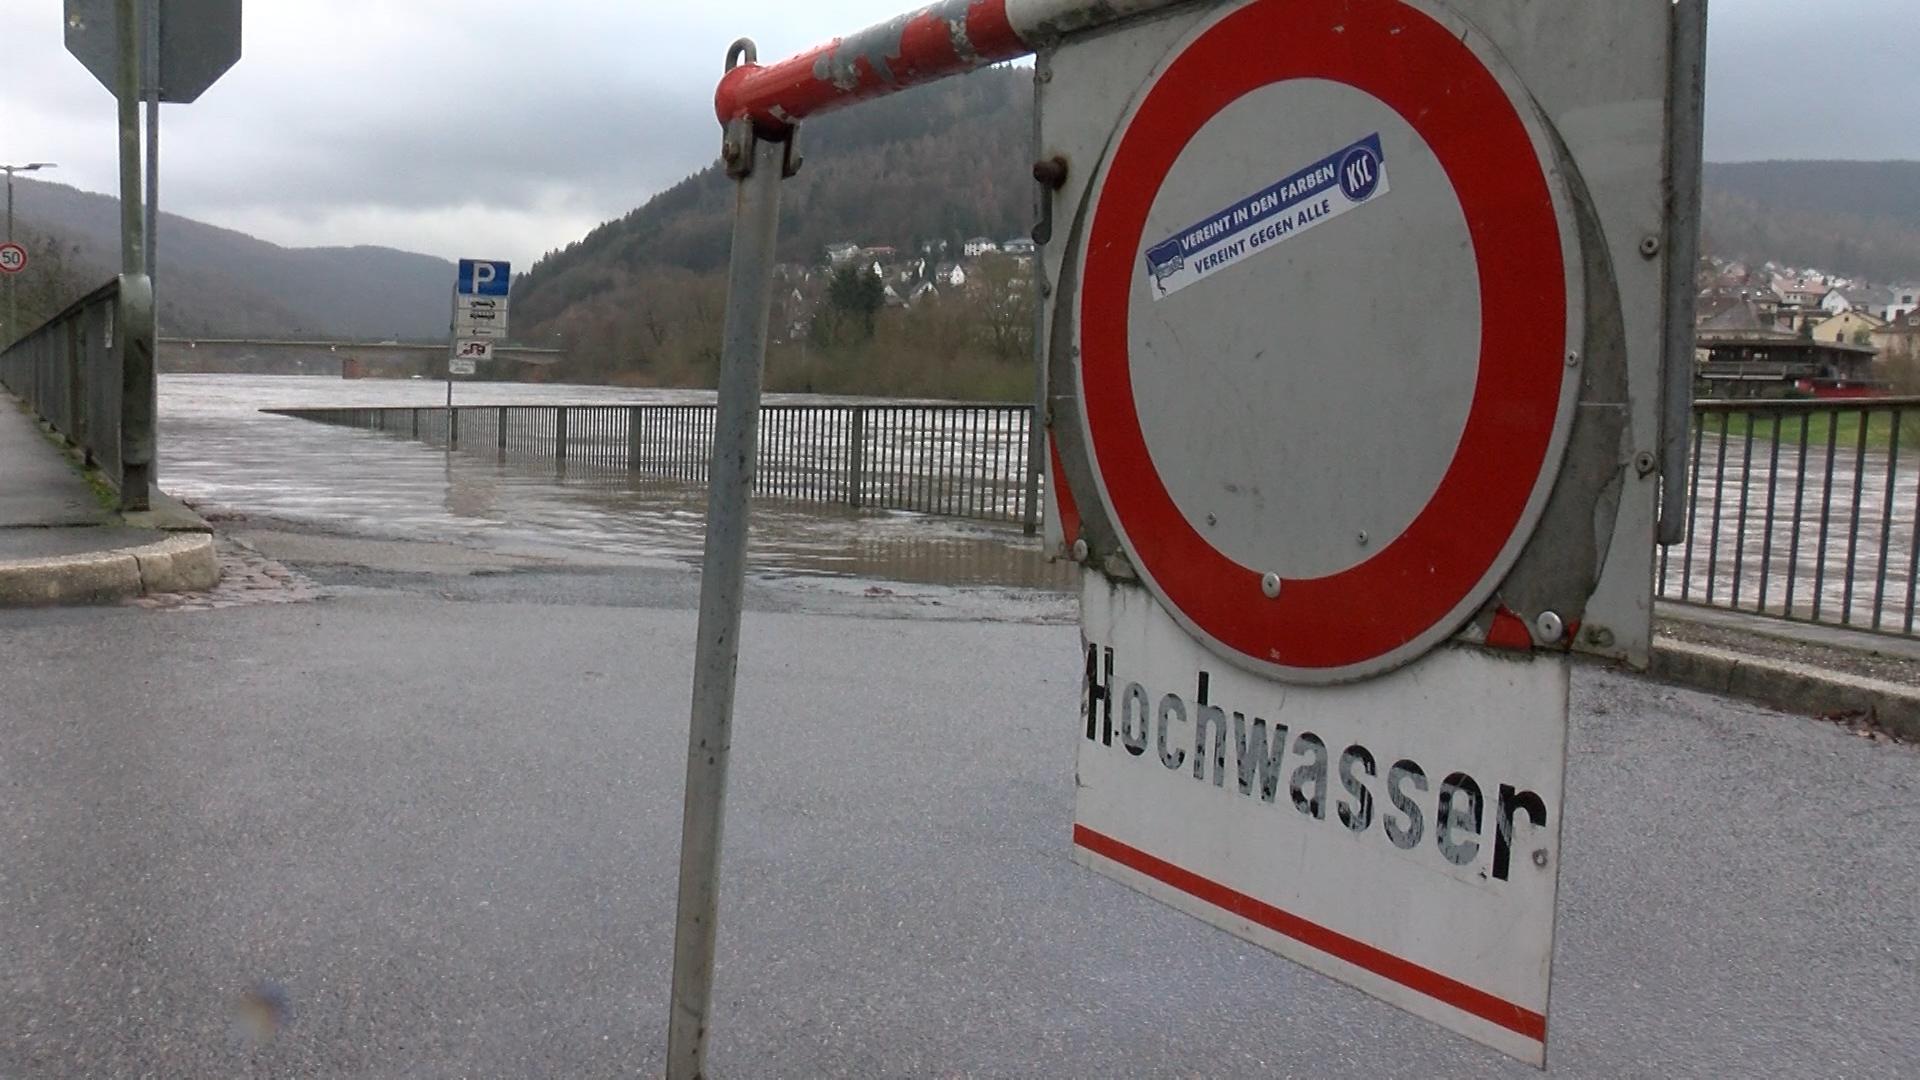 Überflutungen im Bereich Bad Neuenahr-Ahrweiler: Polizeipräsidium Koblenz richtet Personenauskunftsstelle und Hinweisportal ein